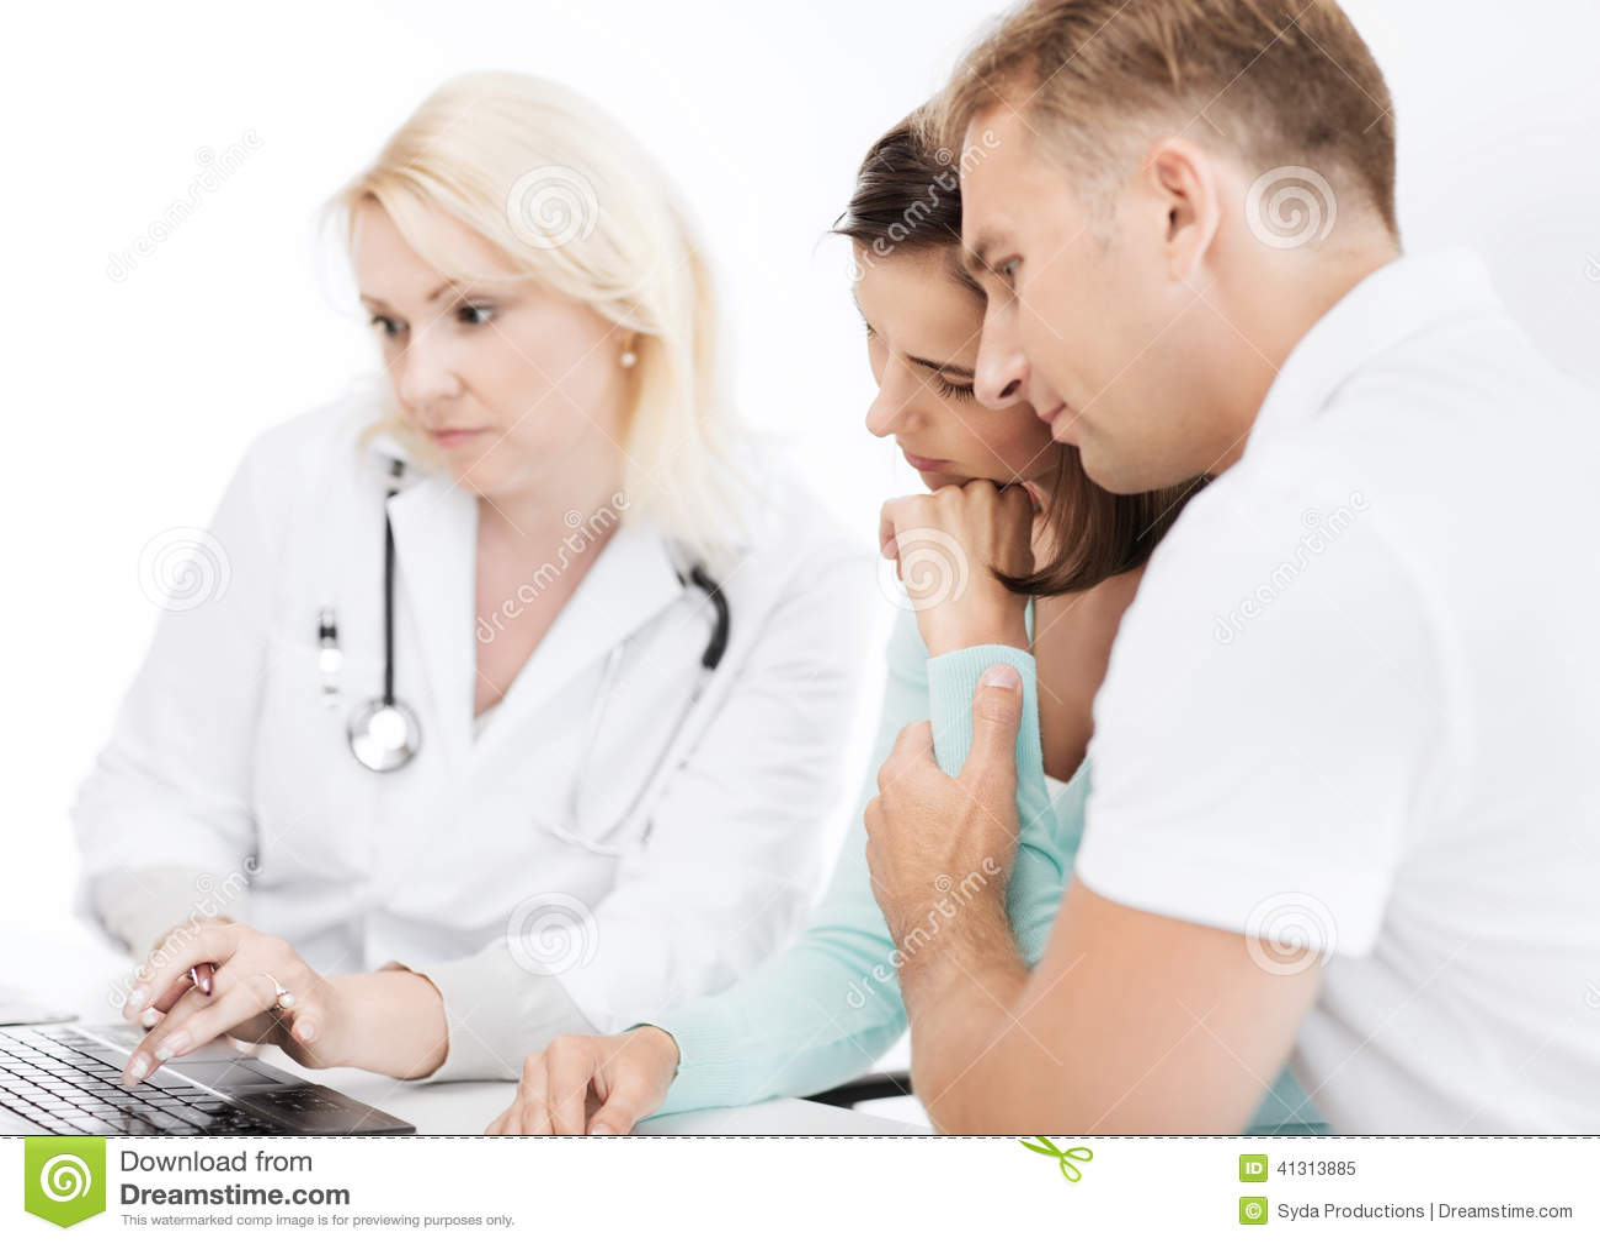 У врача смотреть 5 фотография